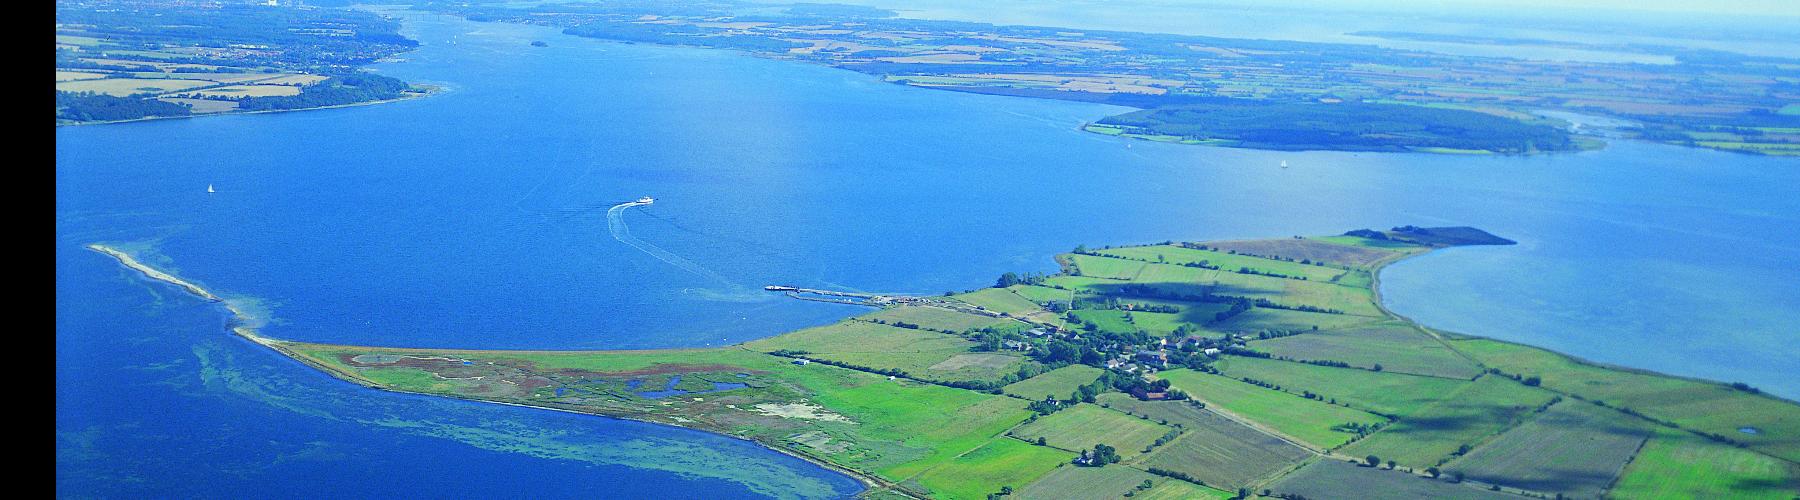 The Danish Archipelagos - Det Sydfynske Øhav cover image